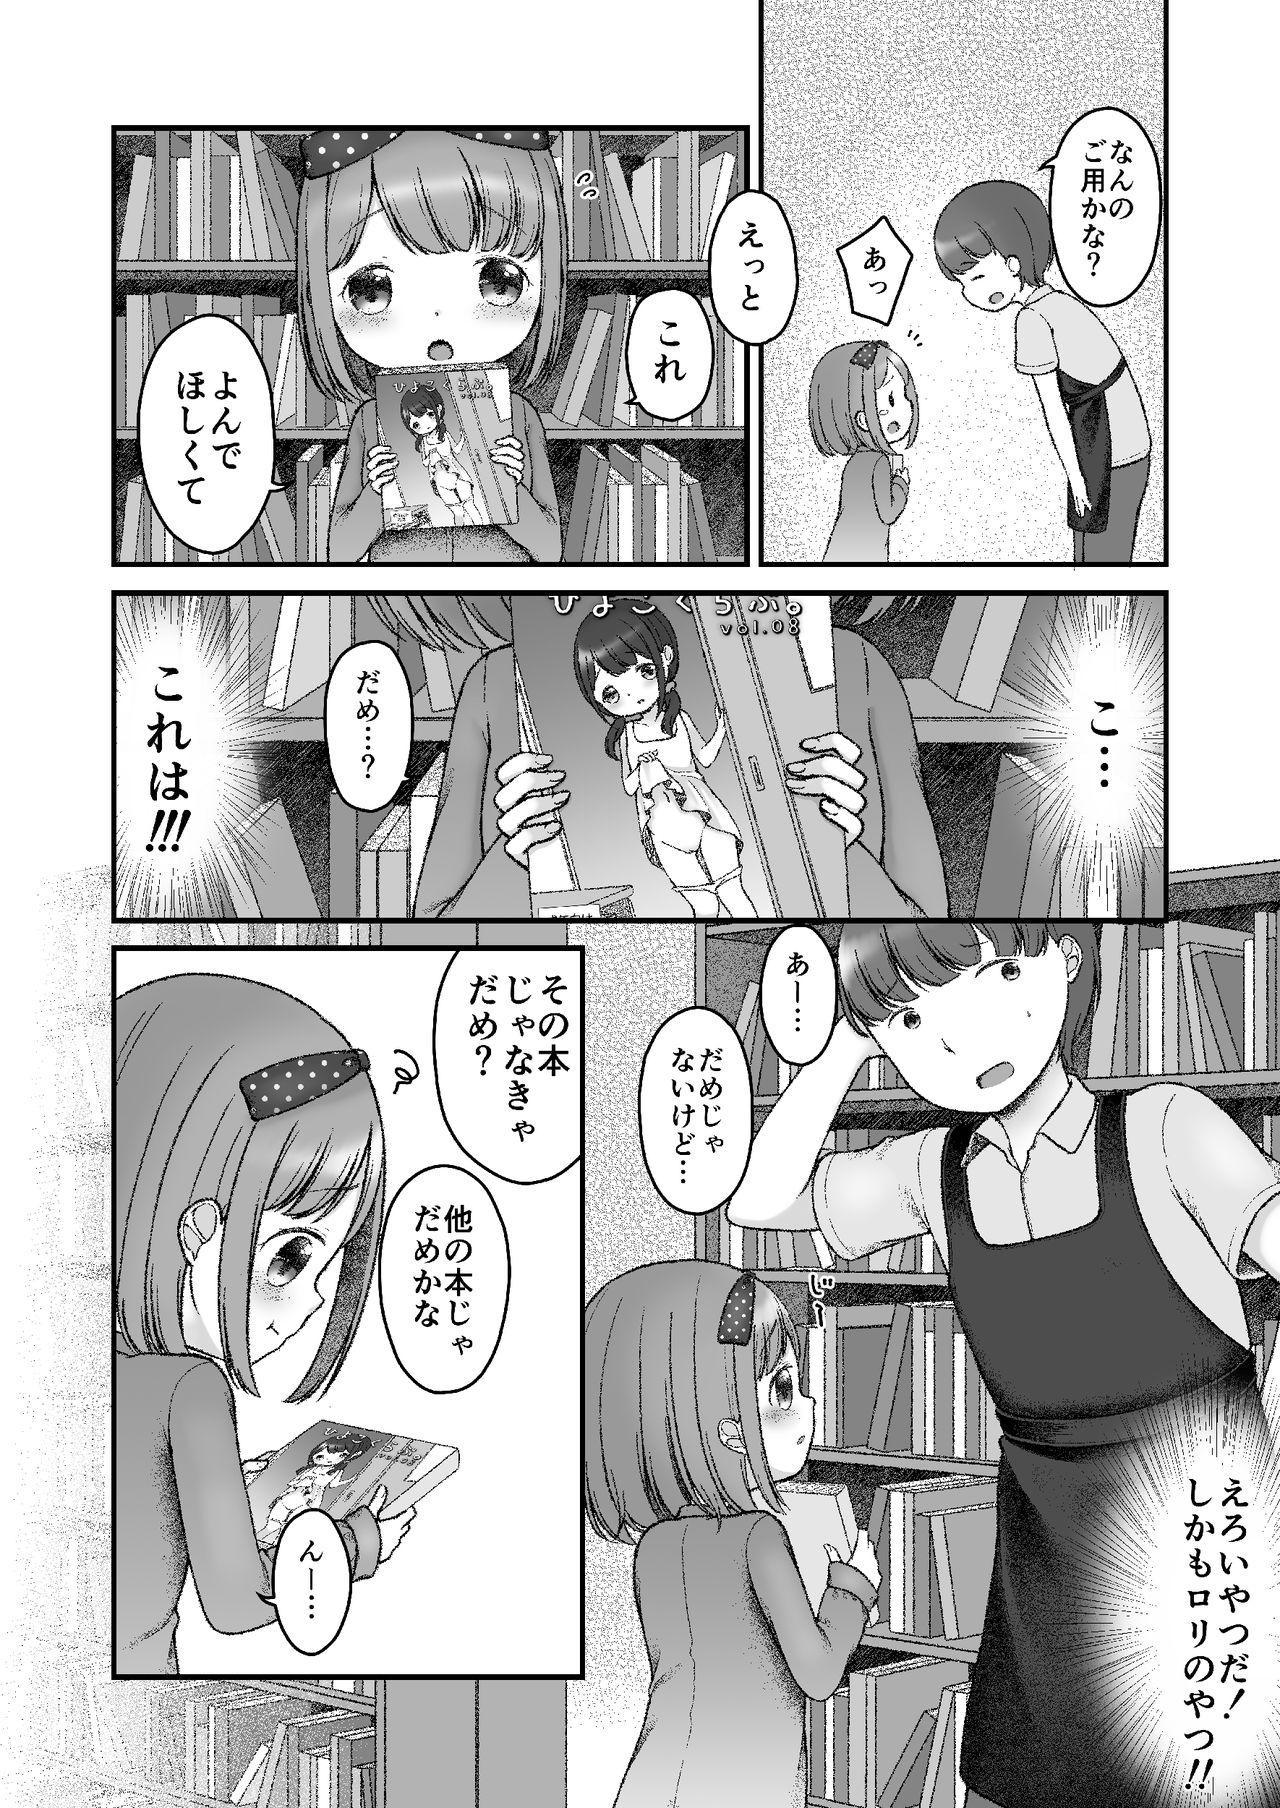 Ehon no Kuni no Arisu 3